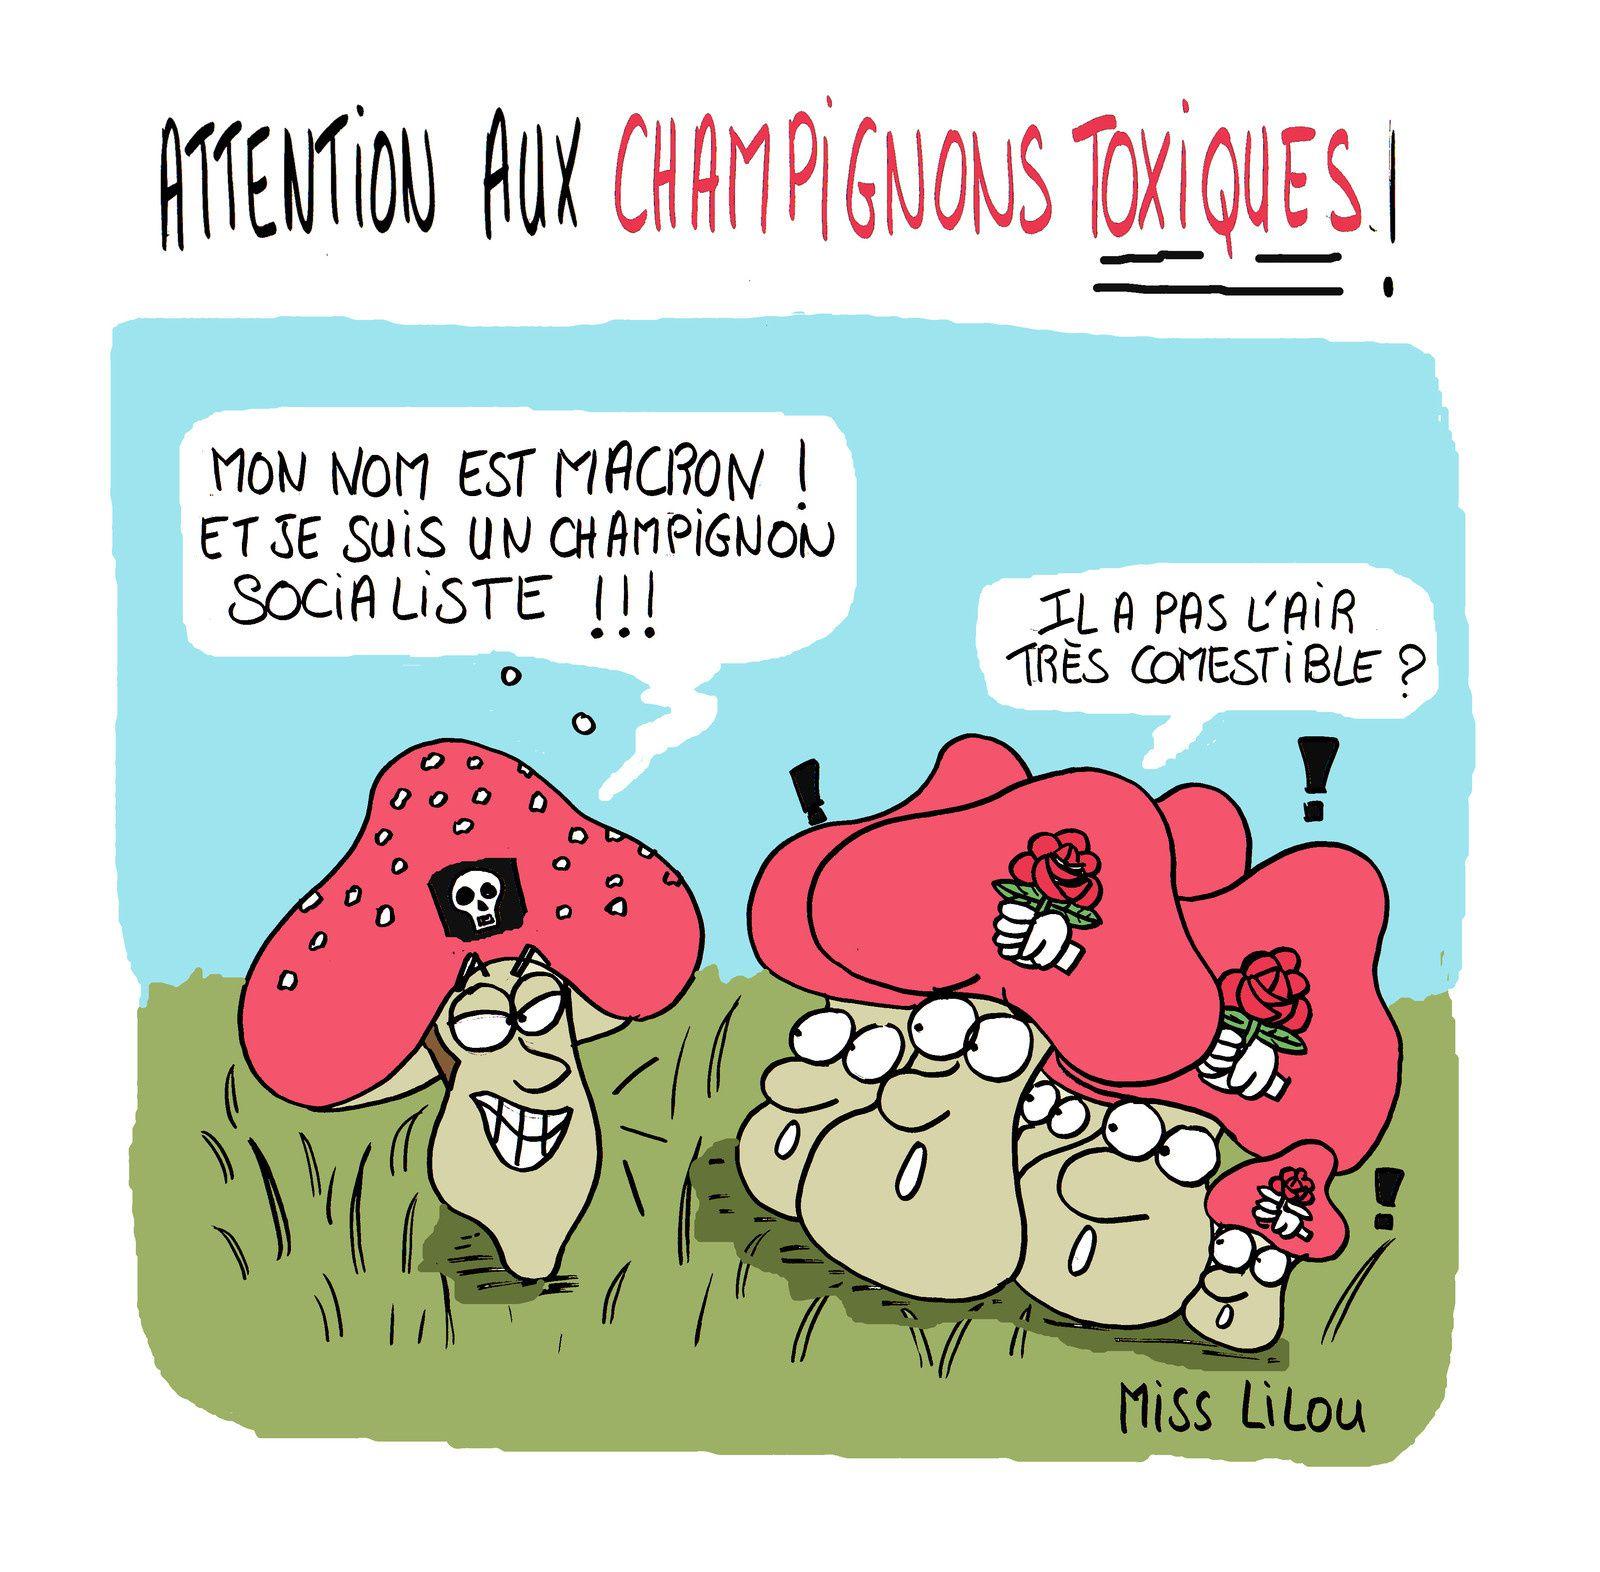 Attention aux champignons toxiques !